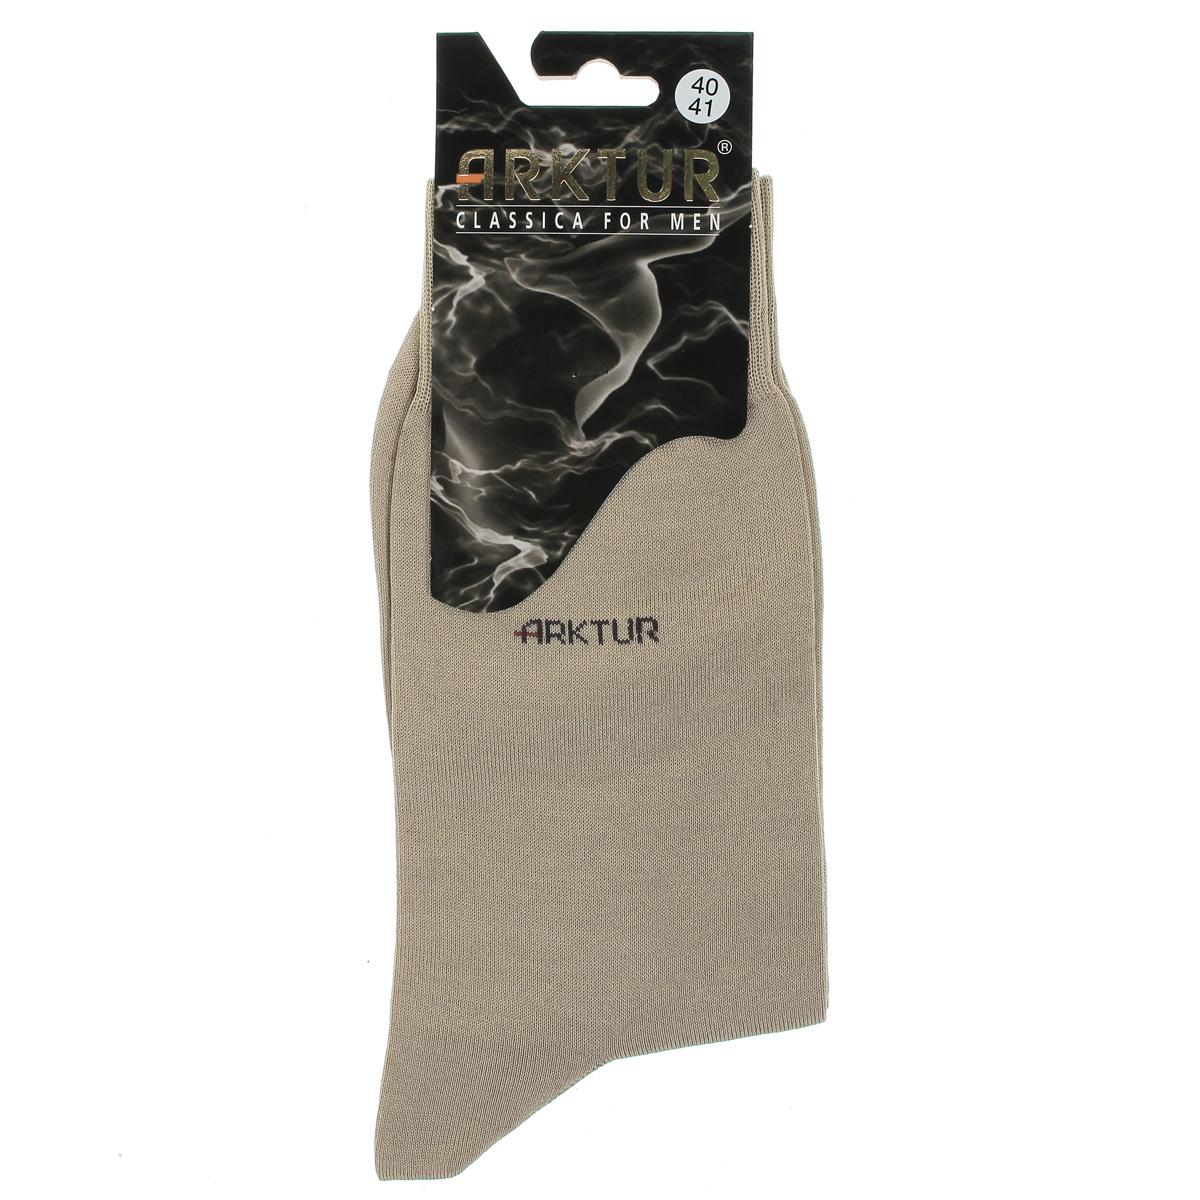 НоскиЛ150_23Мужские носки Arktur престижного класса. Носки превосходного качества из мерсеризованного хлопка отличаются гладкой текстурой и шелковистостью, что создает приятное ощущение нежности и прохлады. Эргономичная резинка пресс-контроль комфортно облегает ногу. Носки обладают повышенной прочностью, не подвержены усадке. Усиленная пятка и мысок. Удлиненный паголенок. Идеальное сочетание практичности, комфорта и элегантности!